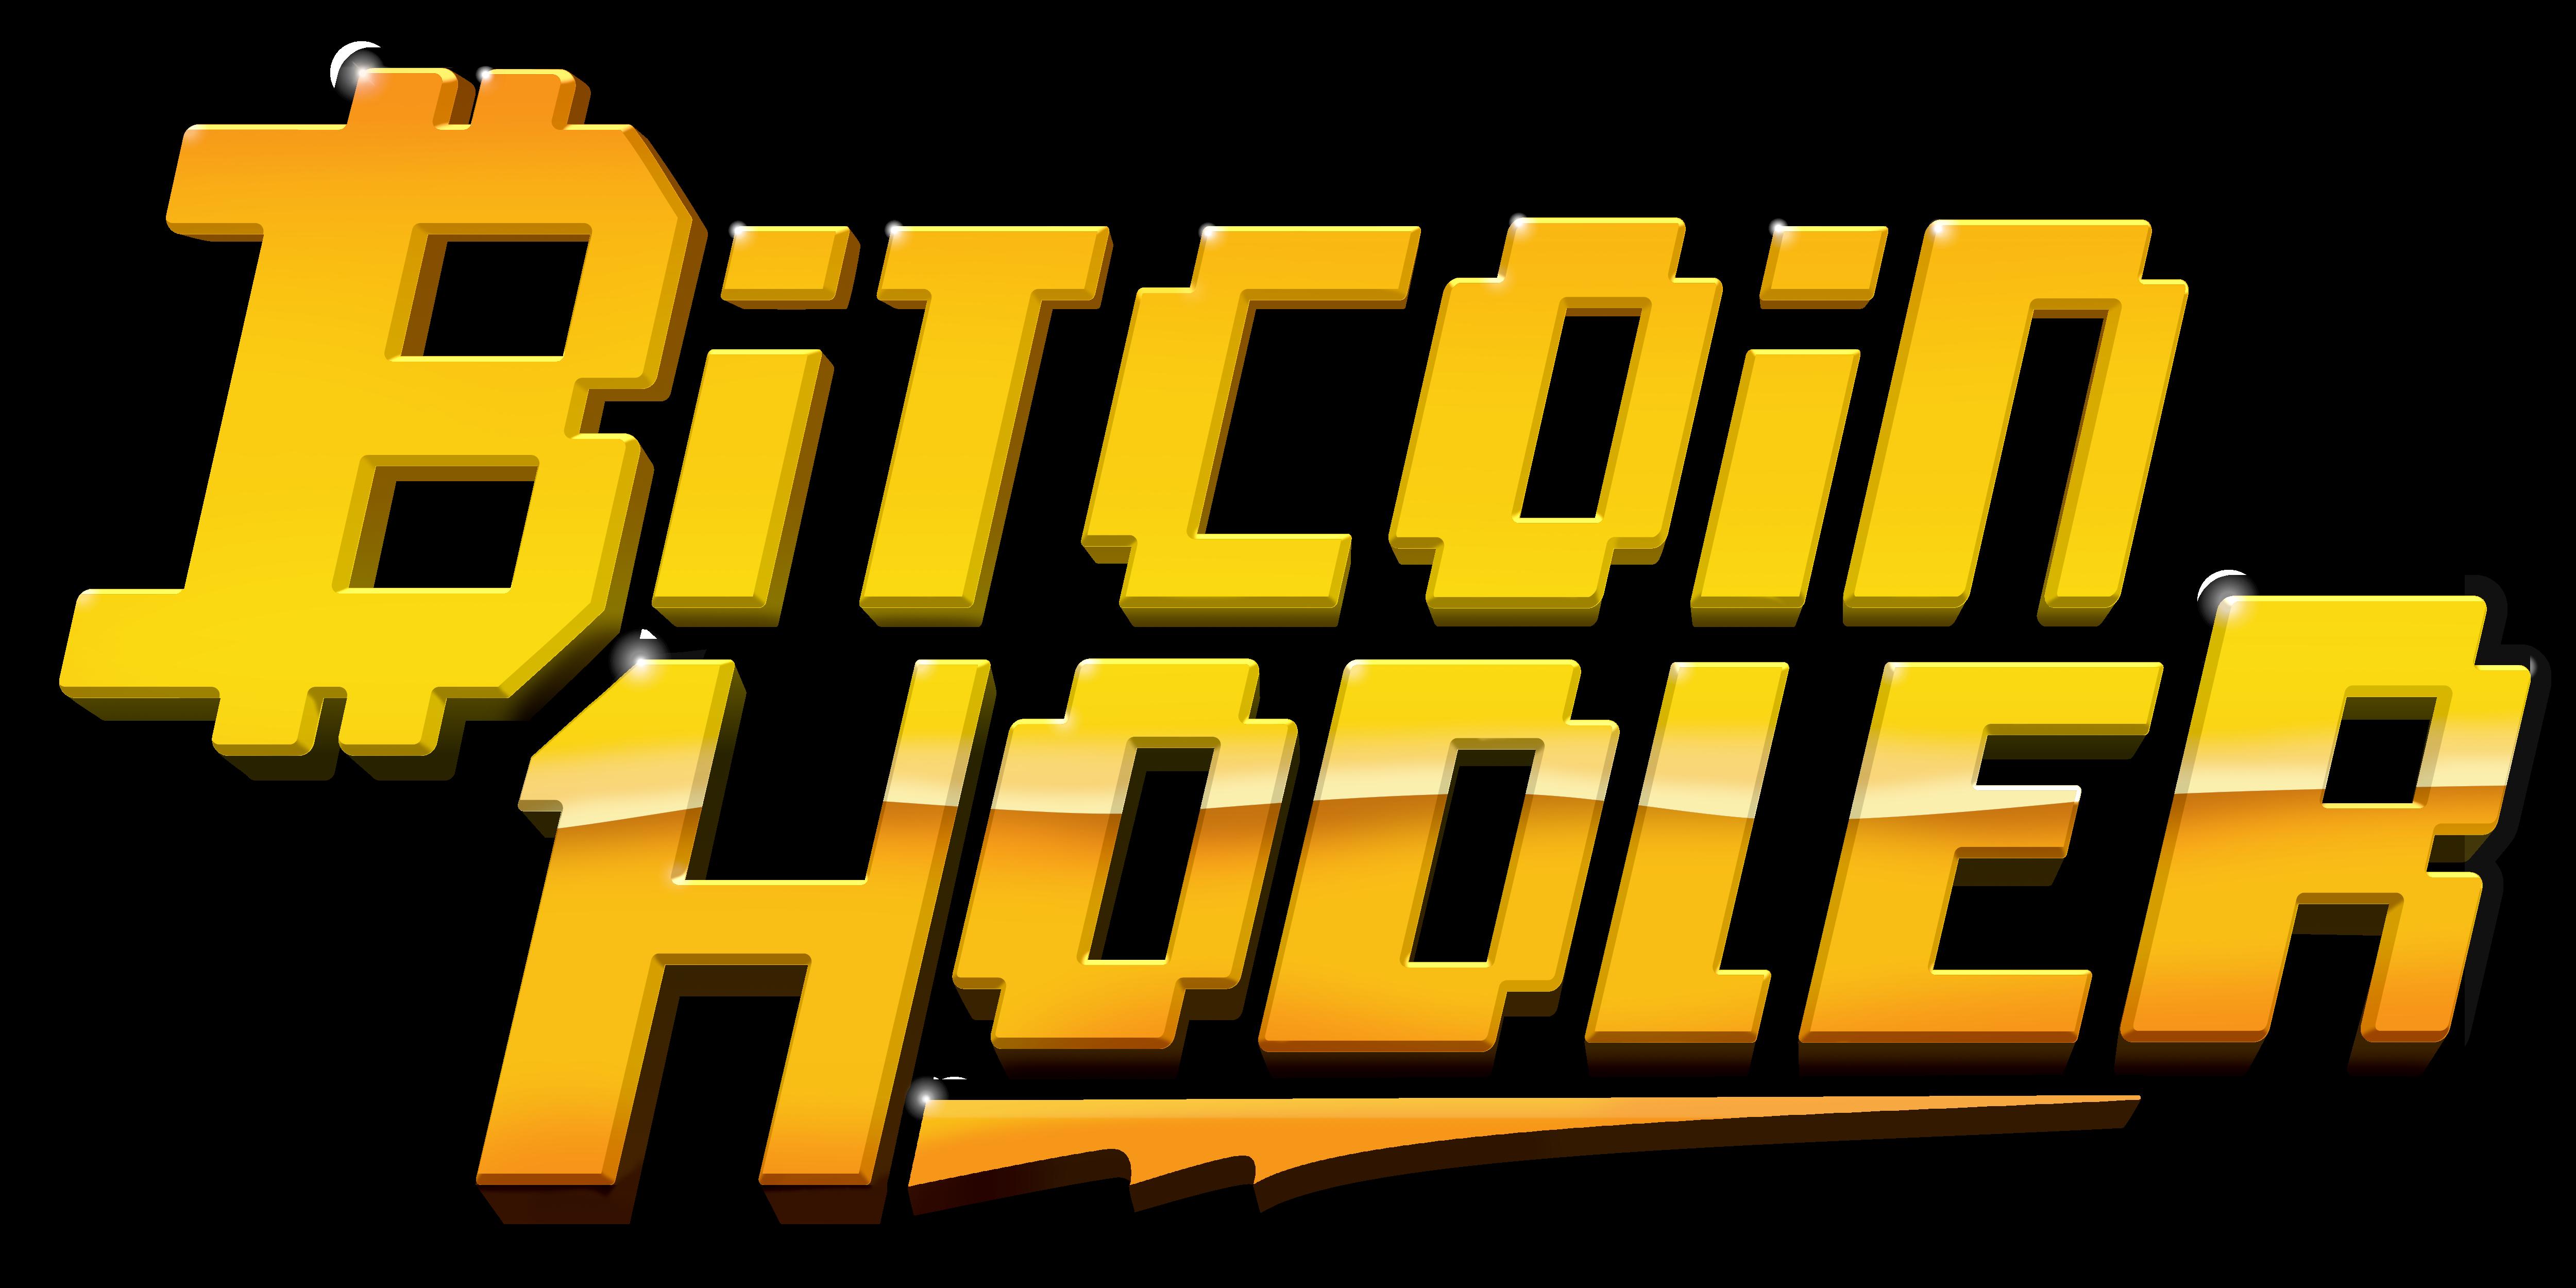 비트코인 호들러 (Bitcoin Hodler)